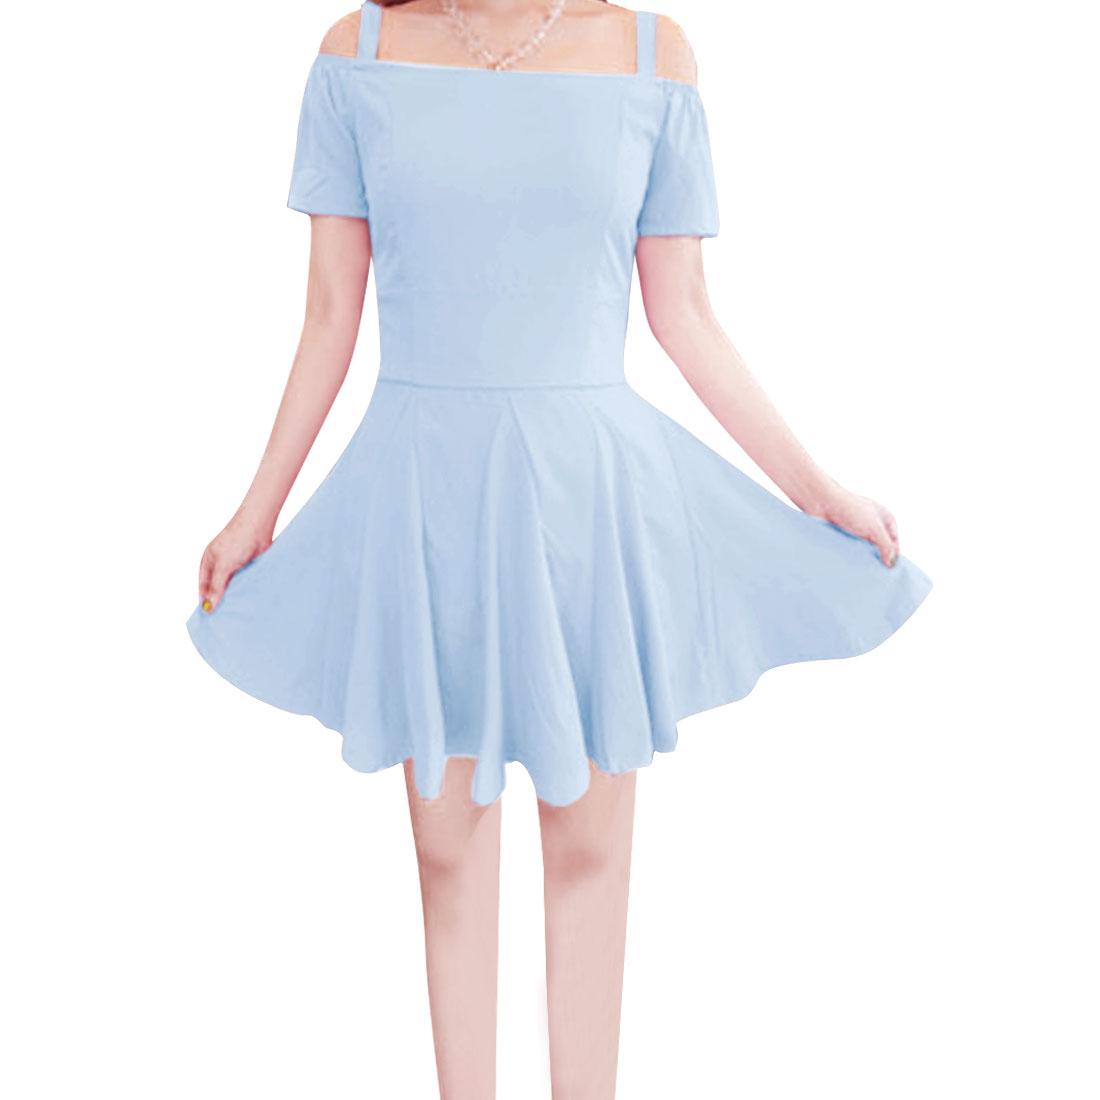 Ladies Short Sleeve Stylish Dress Baby Blue XS